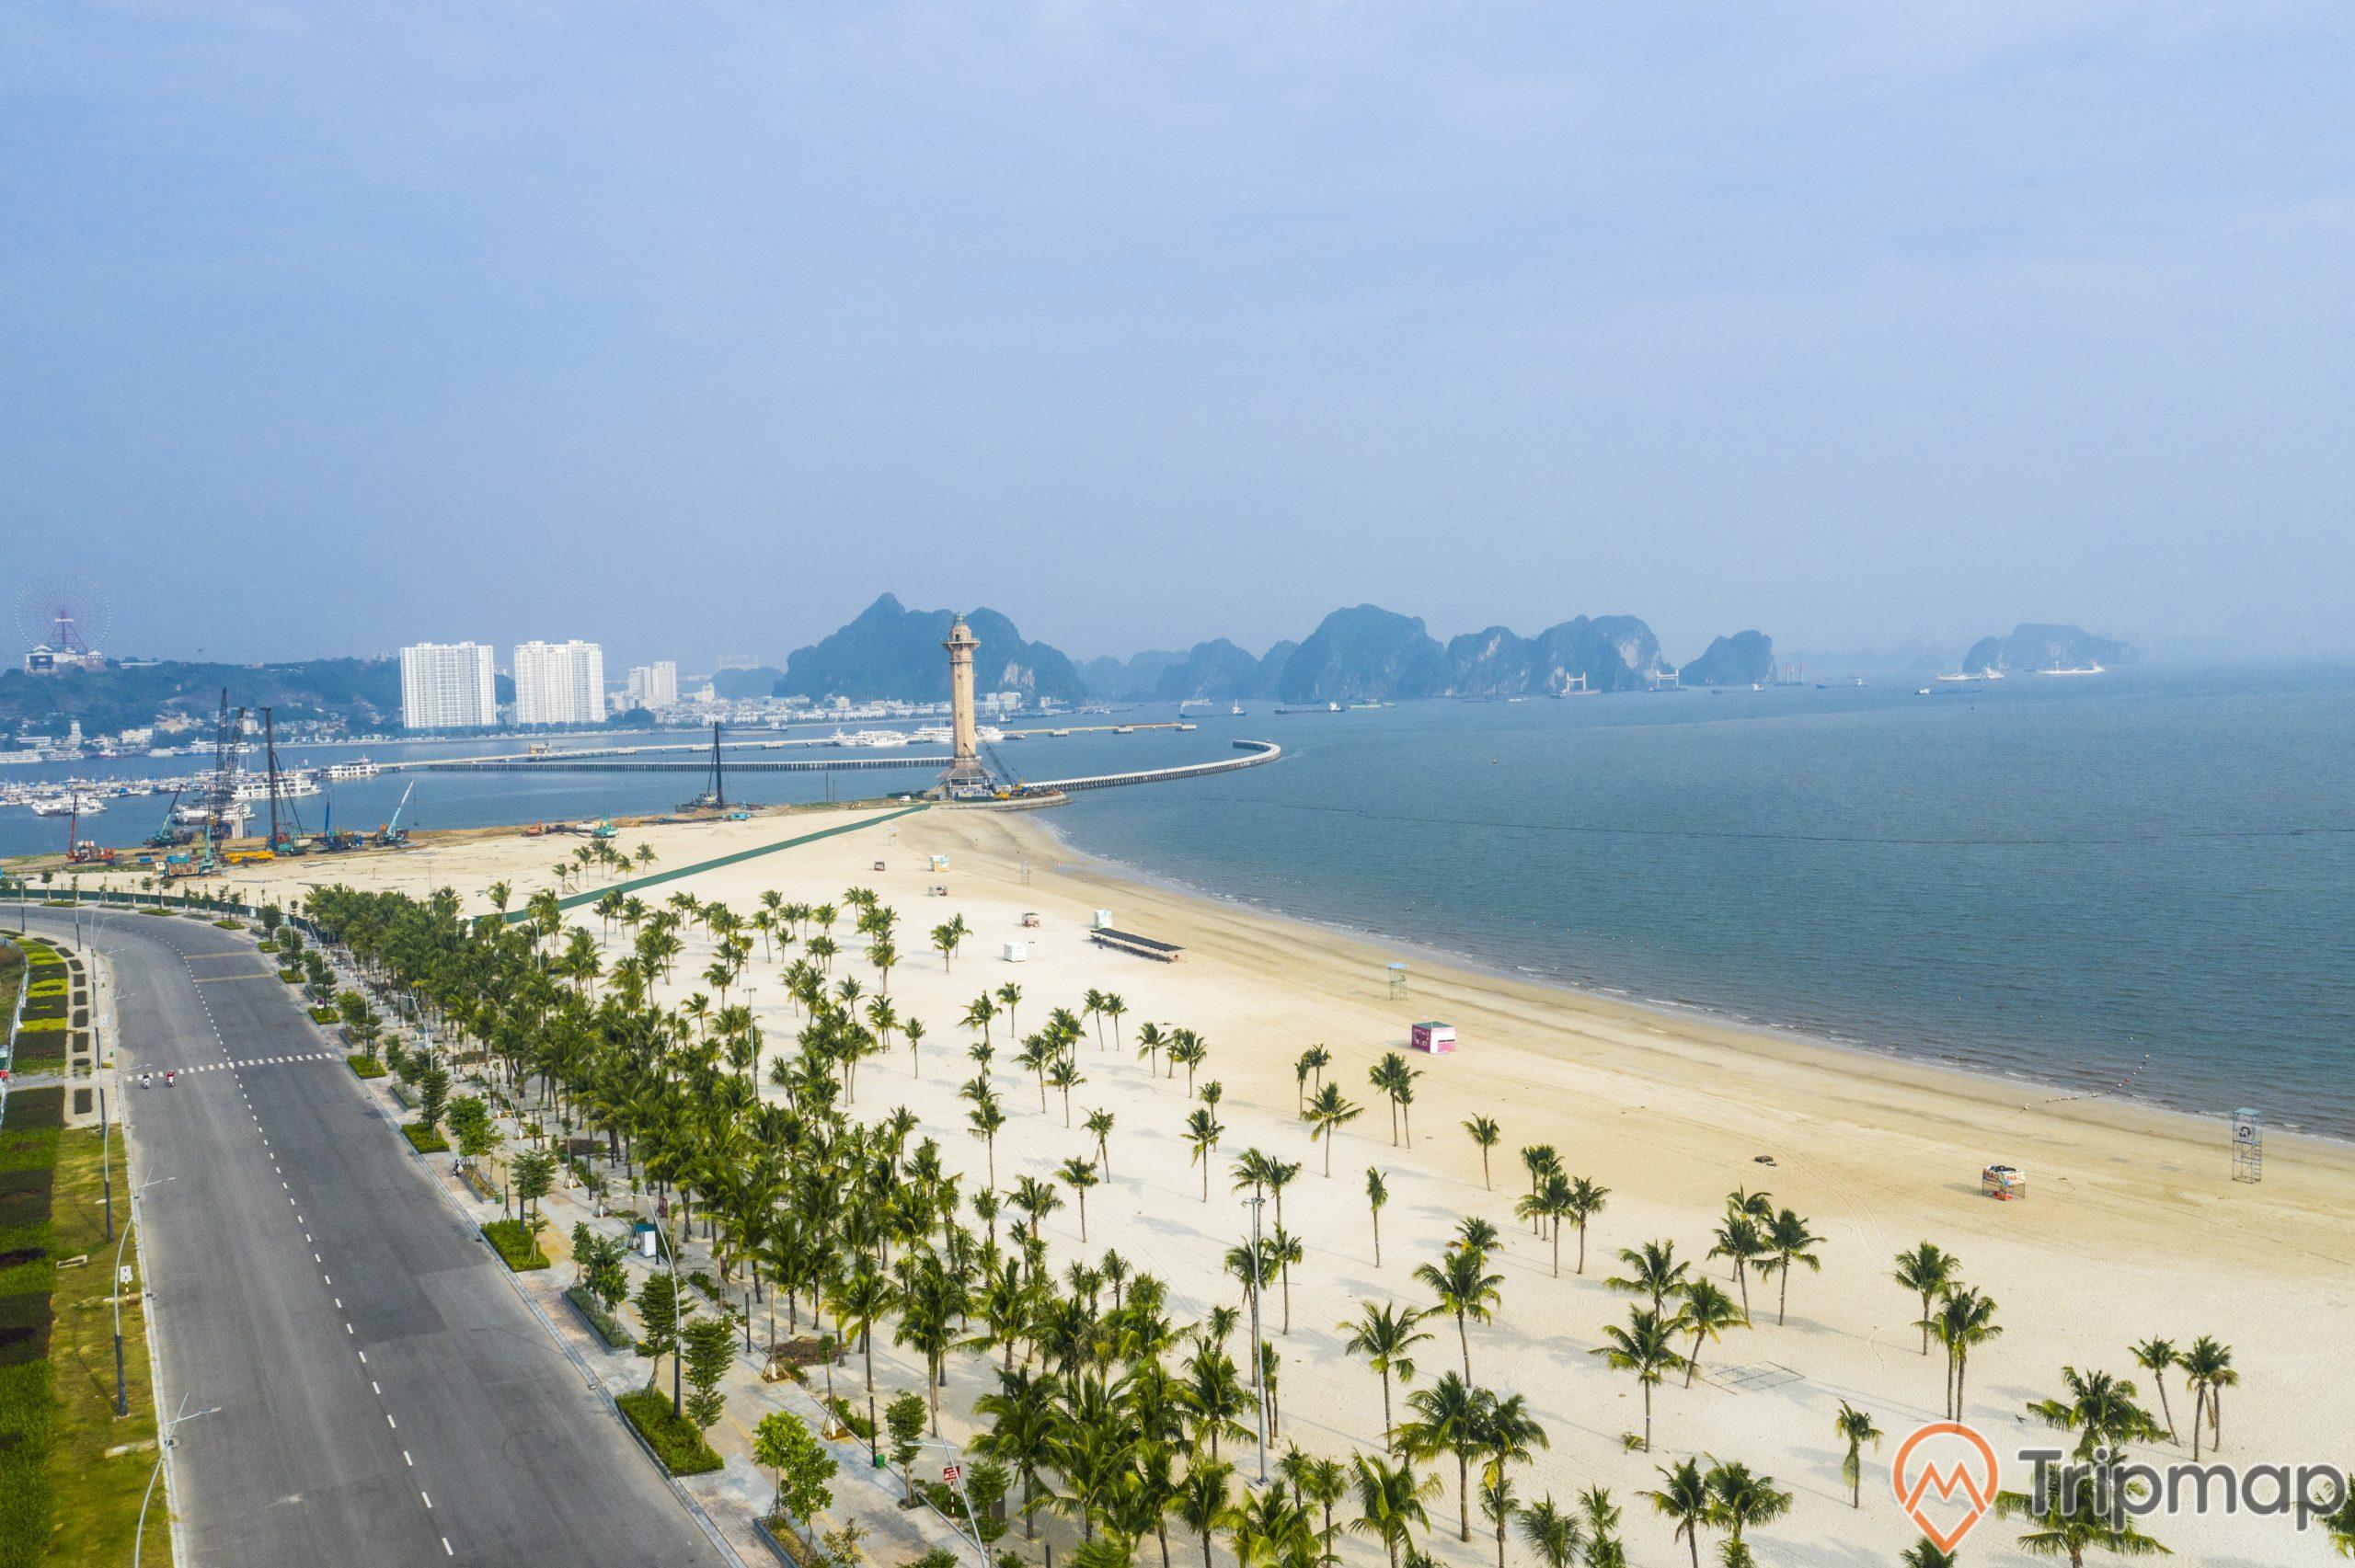 Toàn cảnh bãi biển Sun World Hạ Long nhìn từ trên cao